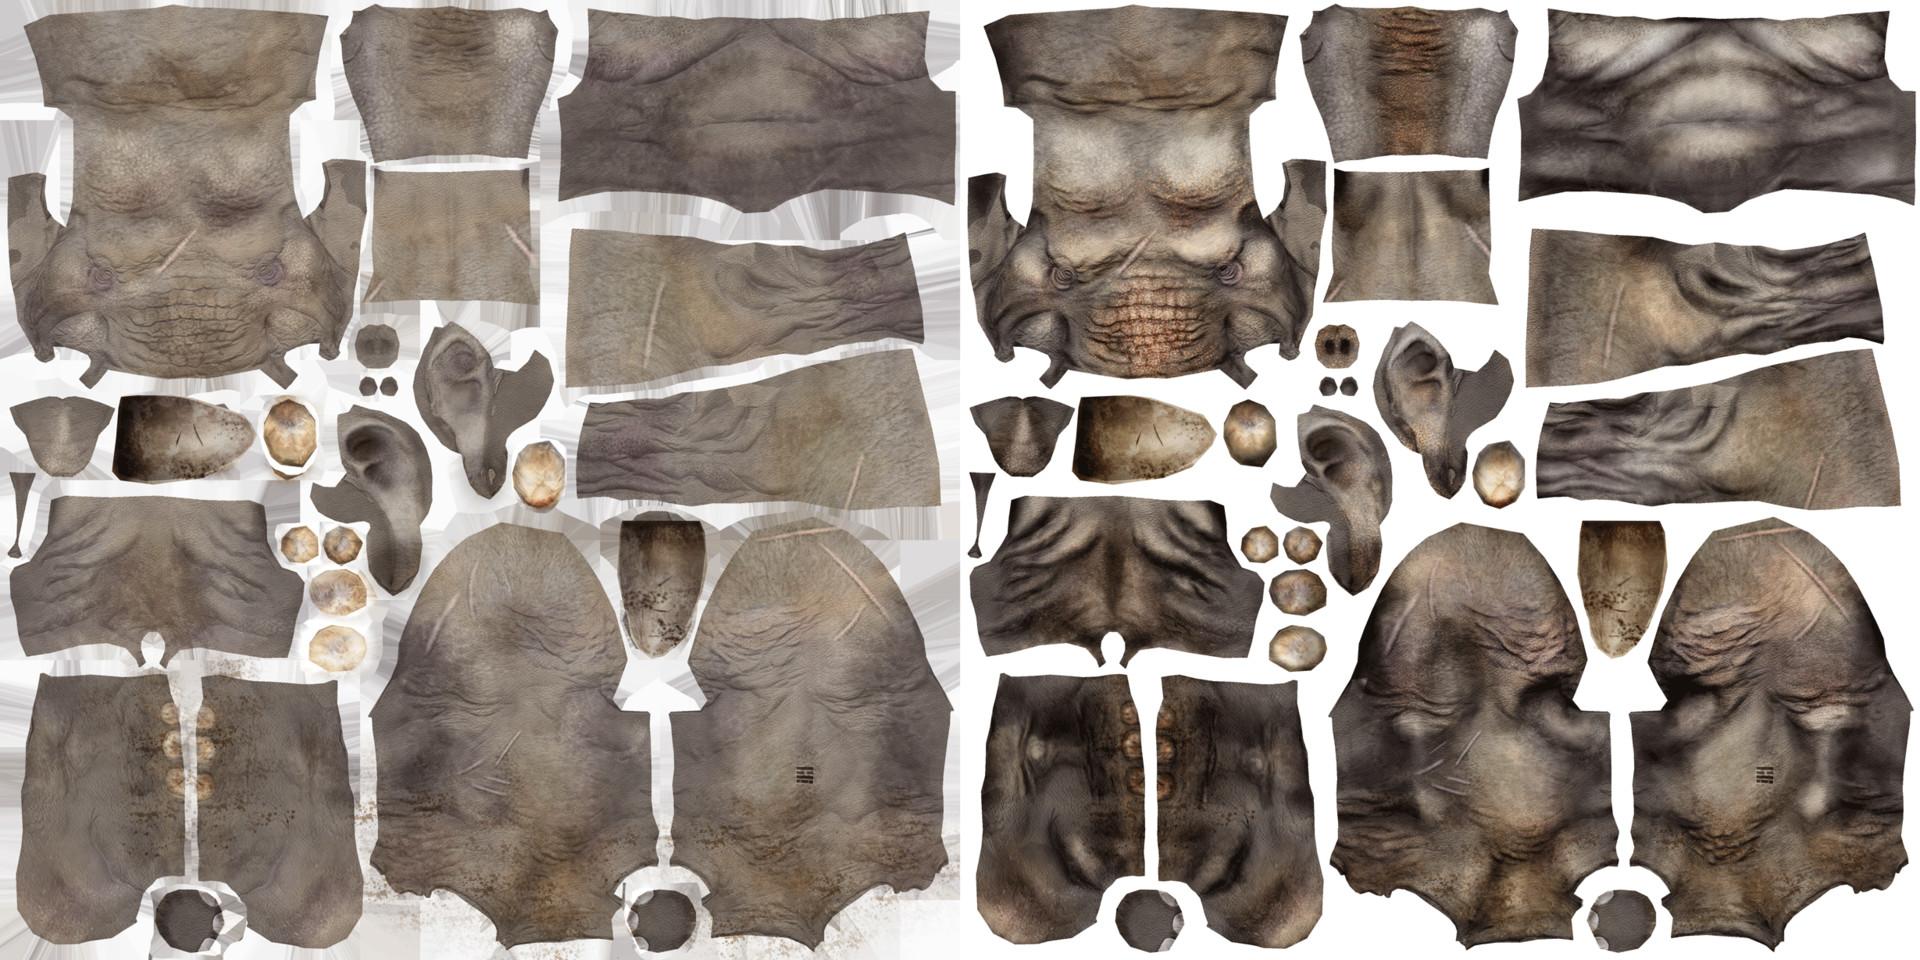 Daniel s rodrigues elephant textures 002